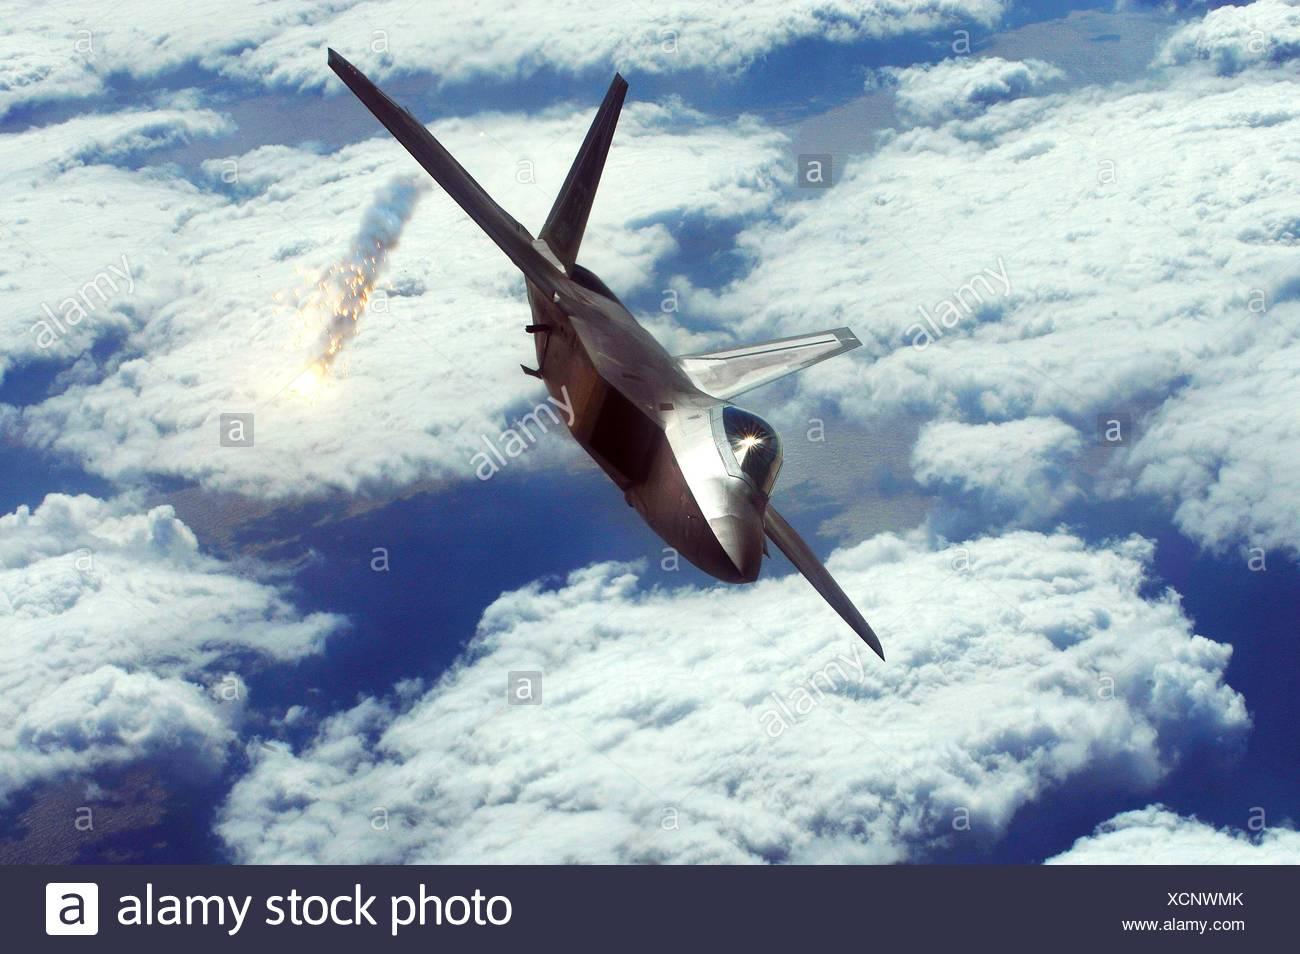 Air Combat Stock Photos & Air Combat Stock Images - Alamy